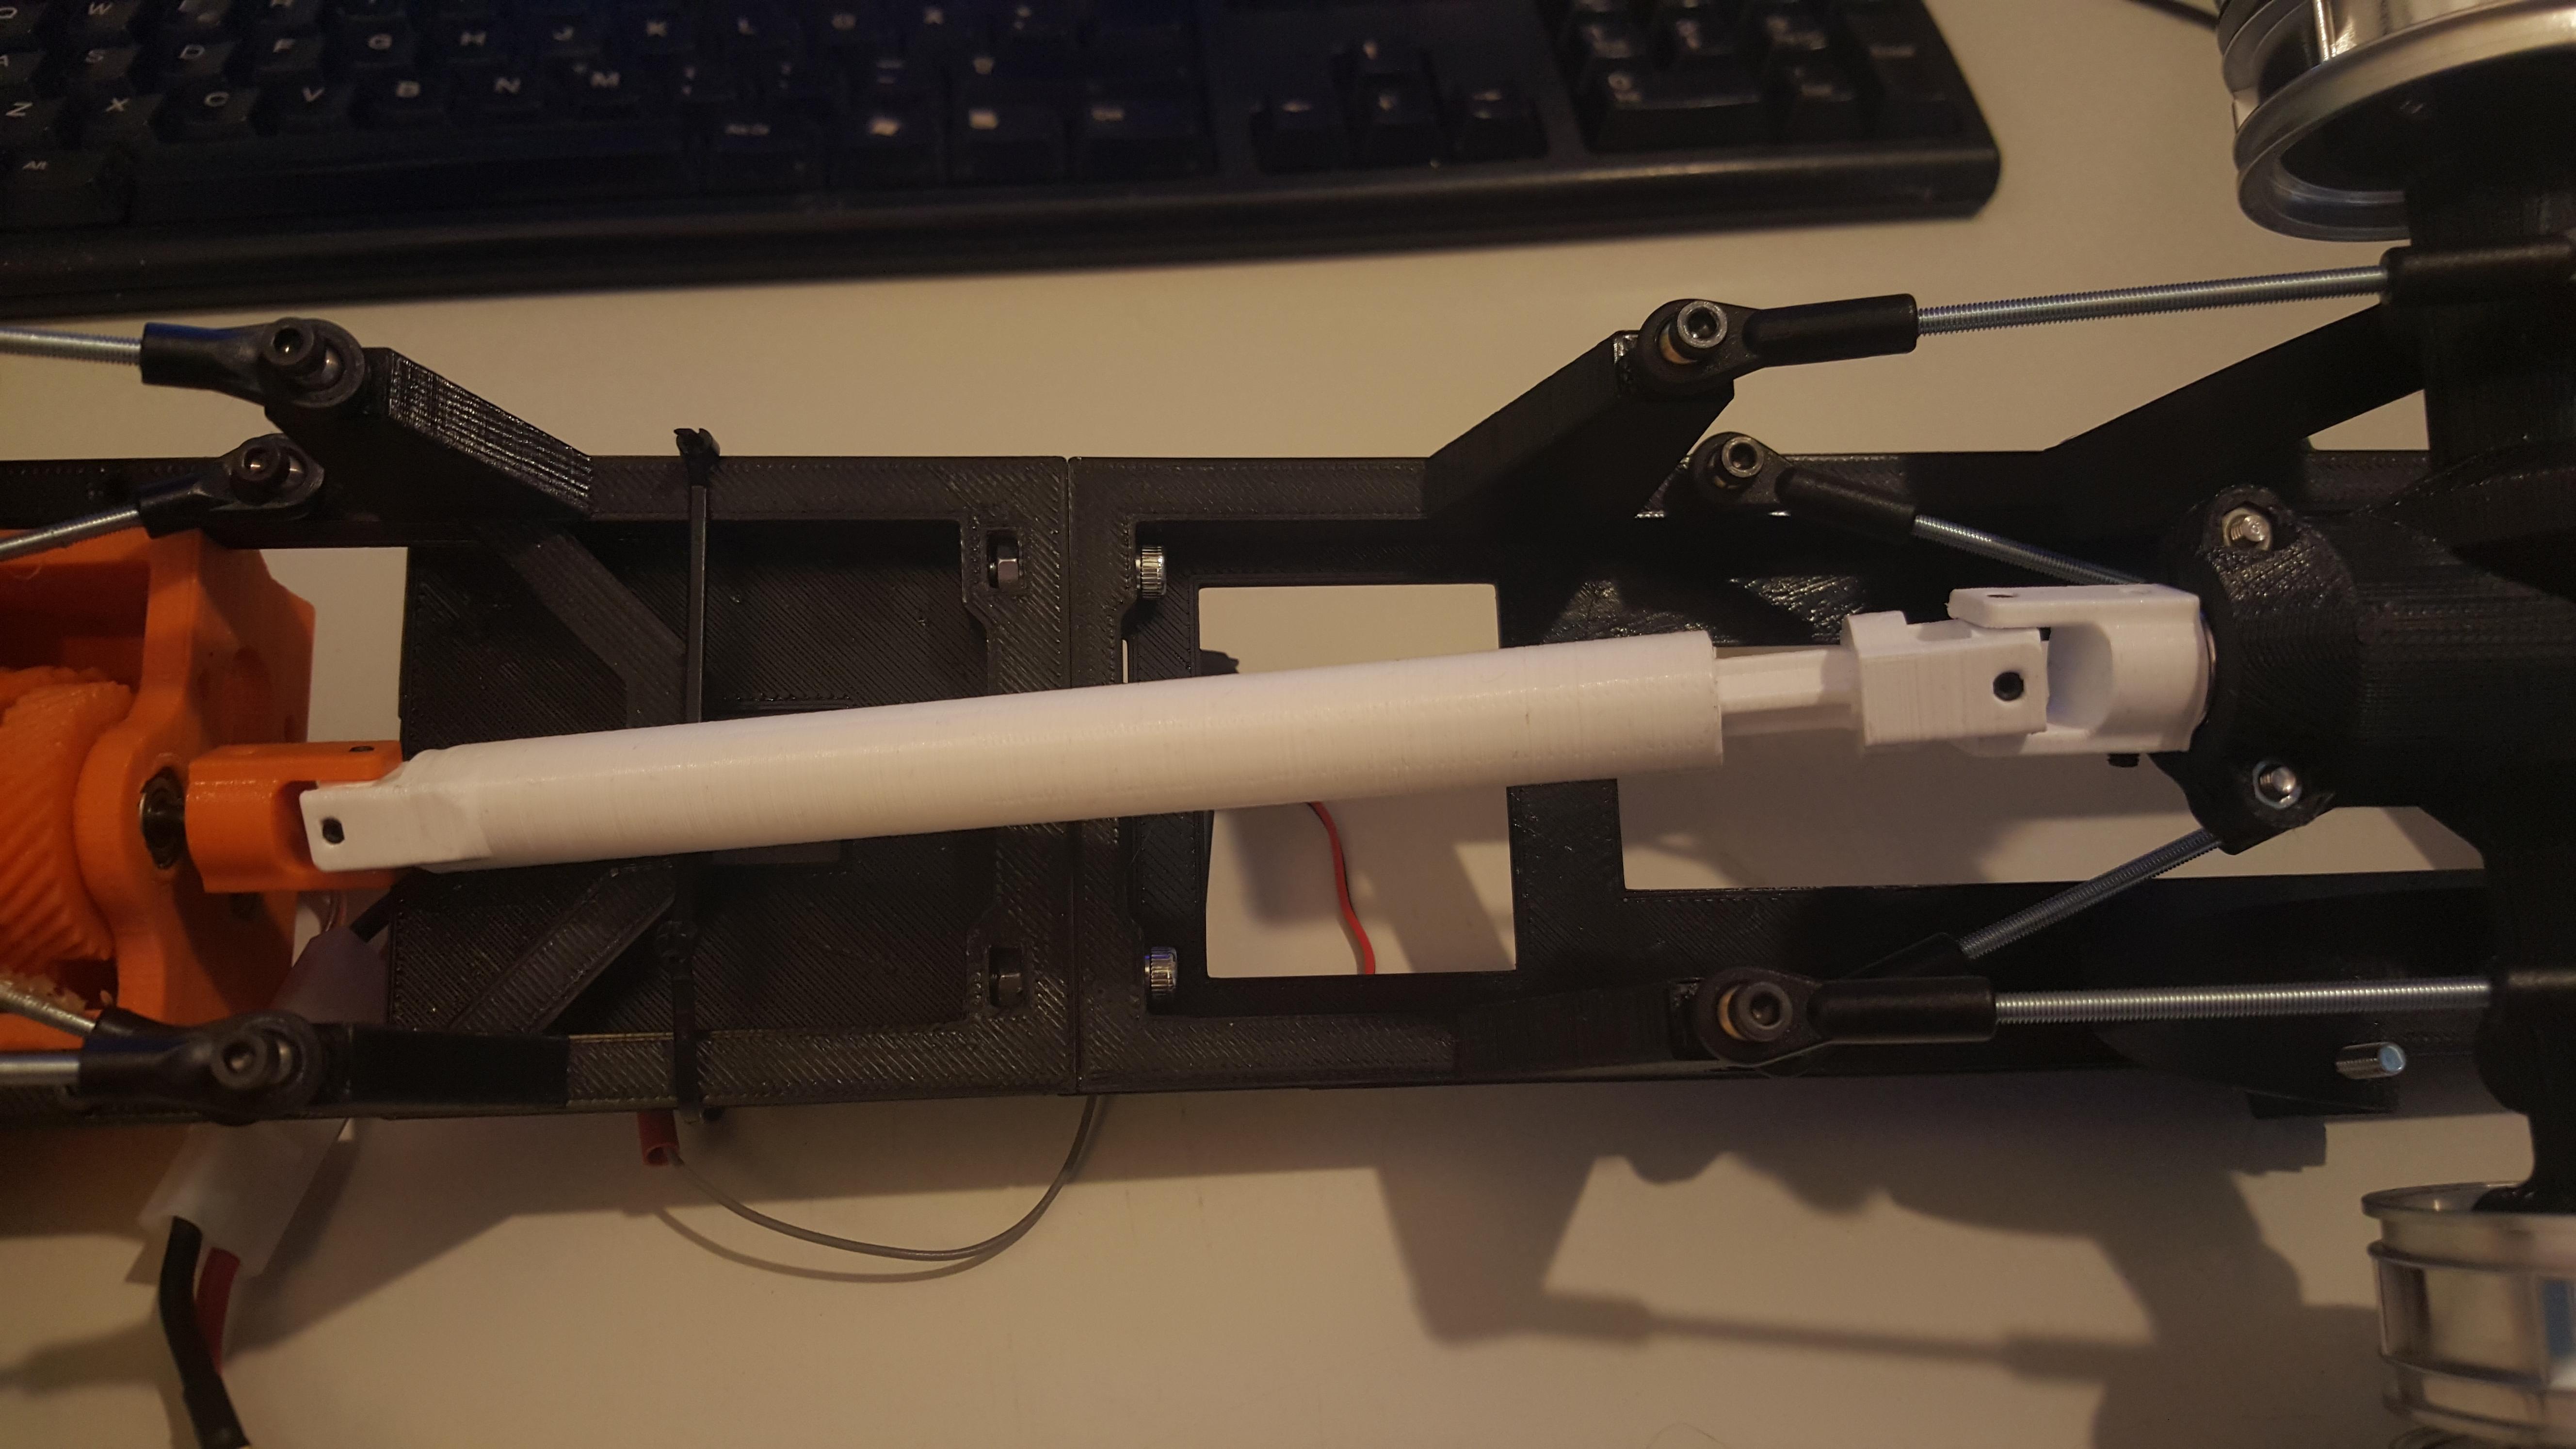 20160305_153149.jpg Télécharger fichier STL gratuit Camion imprimé : Arbre de transmission • Plan imprimable en 3D, MrCrankyface